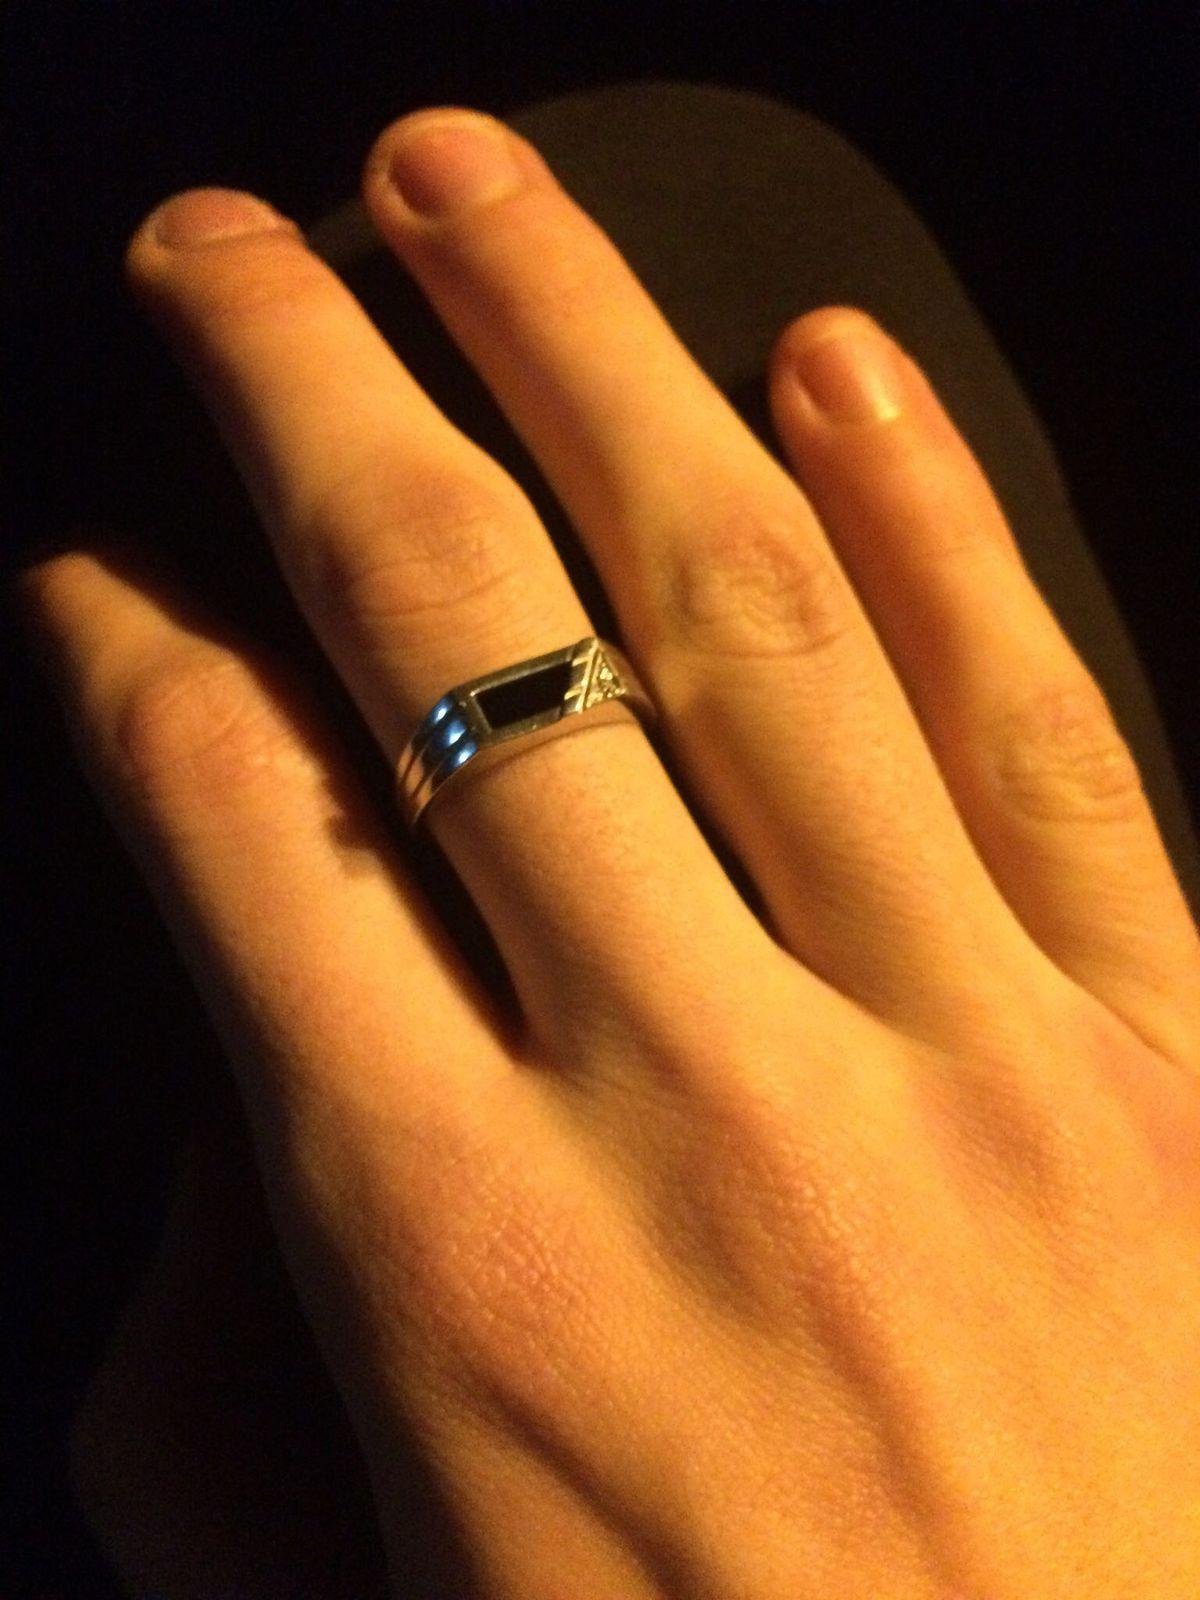 Очень давно захотел данное кольцо и купив его совсем не пожалел